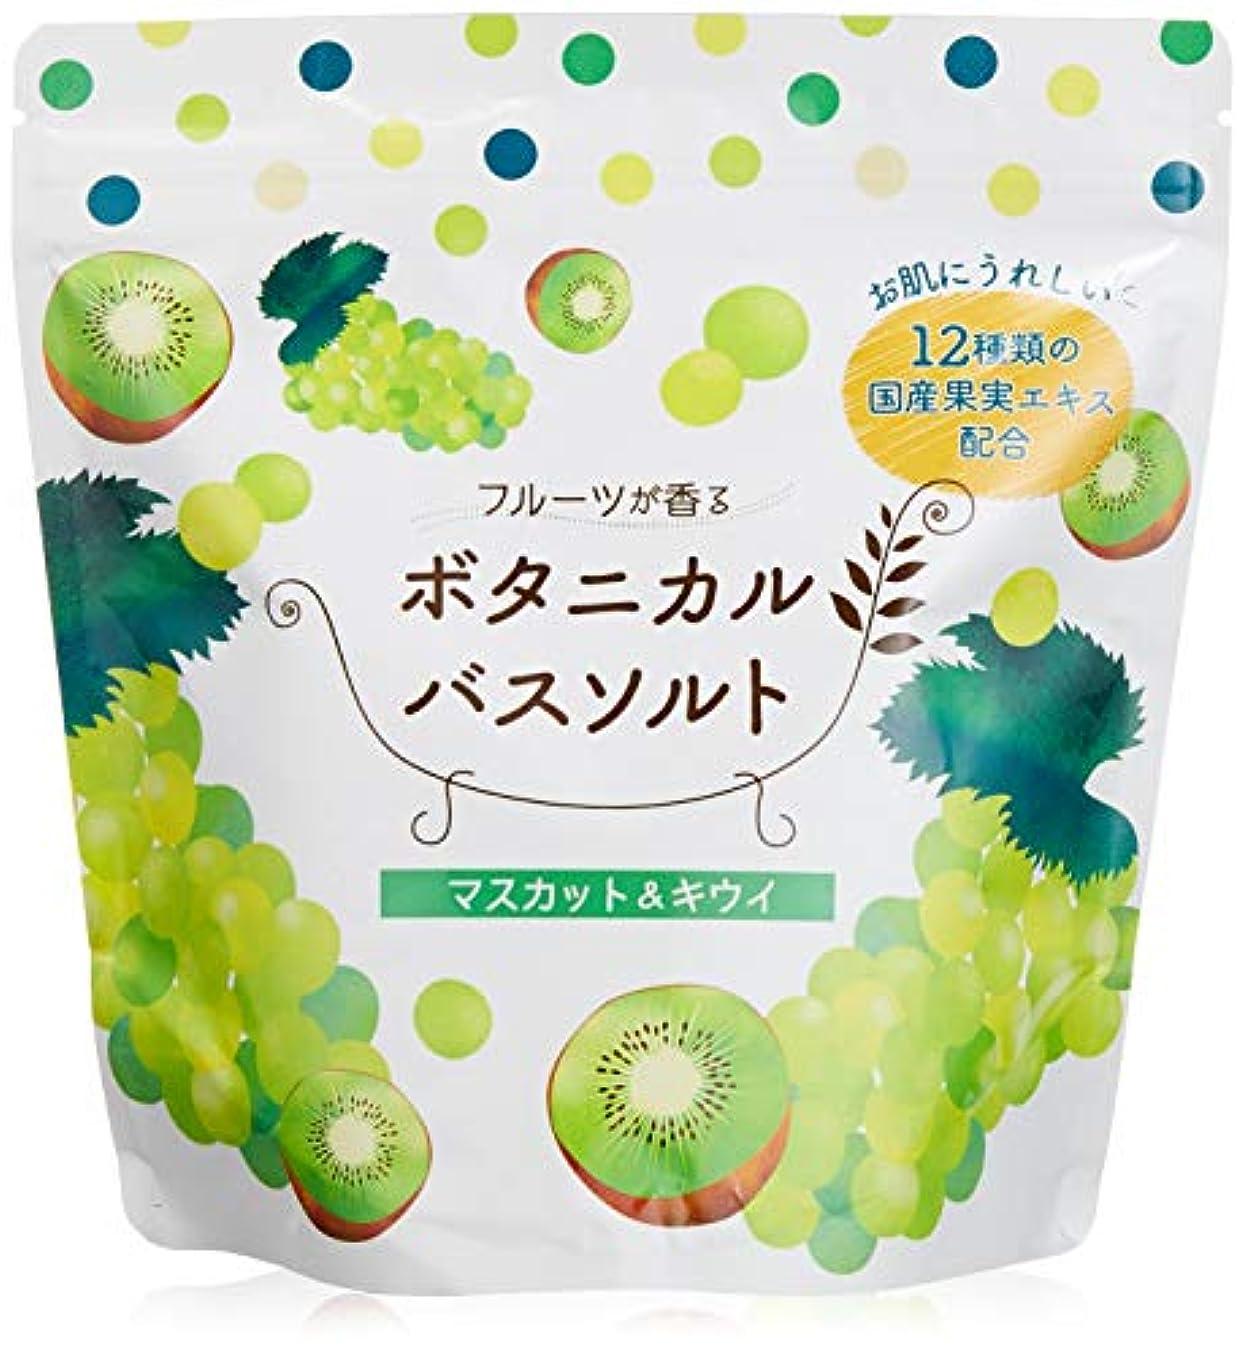 真空ペナルティ引き潮松田医薬品 フルーツが香るボタニカルバスソルト 入浴剤 マスカット キウイ 450g